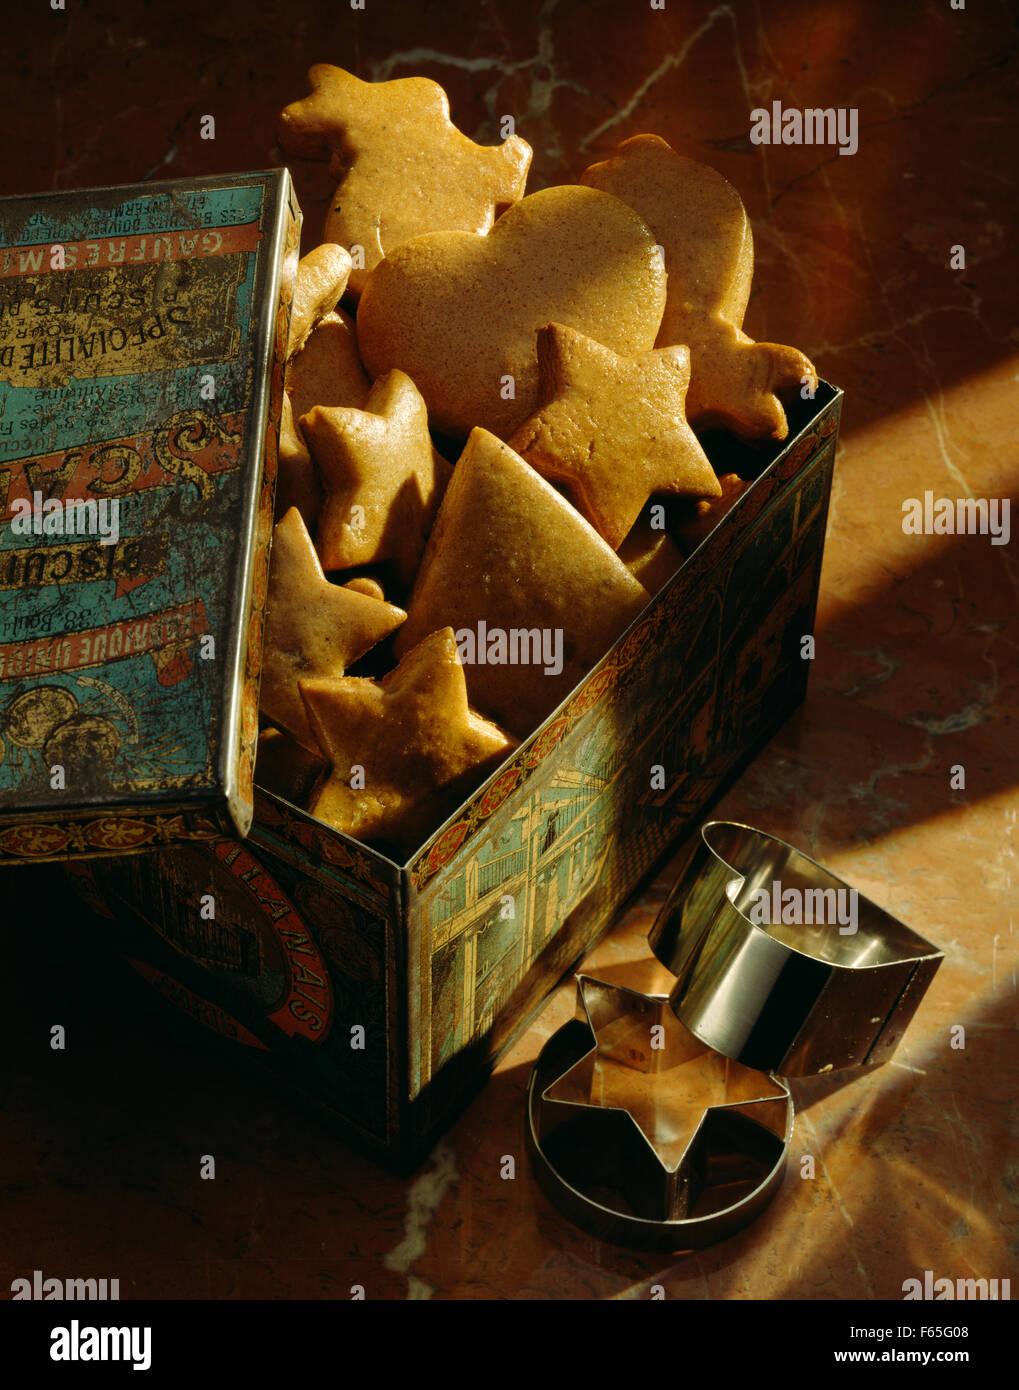 Weihnachten Spritzgebäck Stockfoto